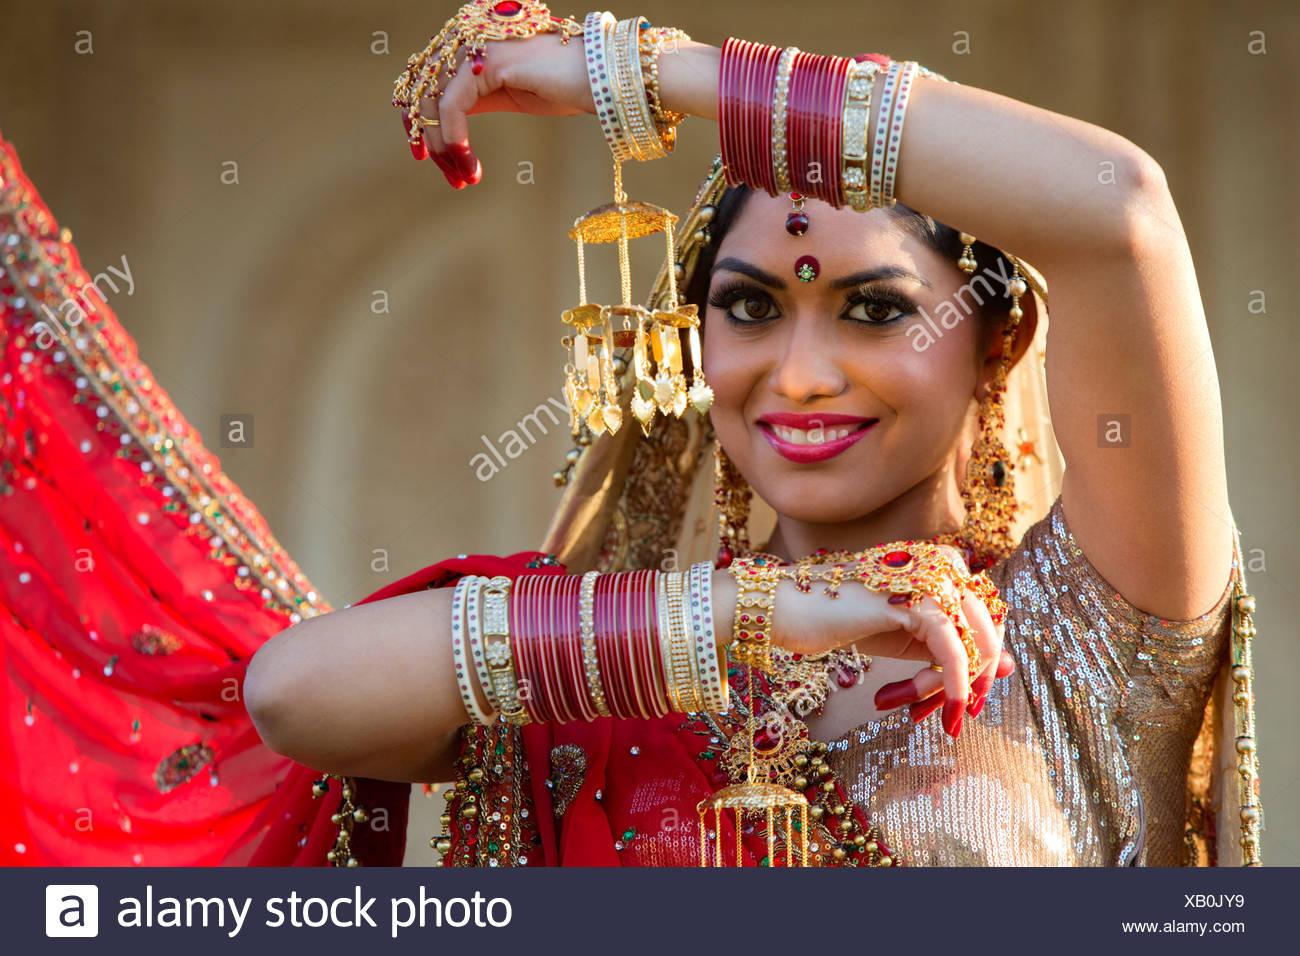 Nett Weiß Indische Brautkleider Für Die Braut Ideen - Brautkleider ...